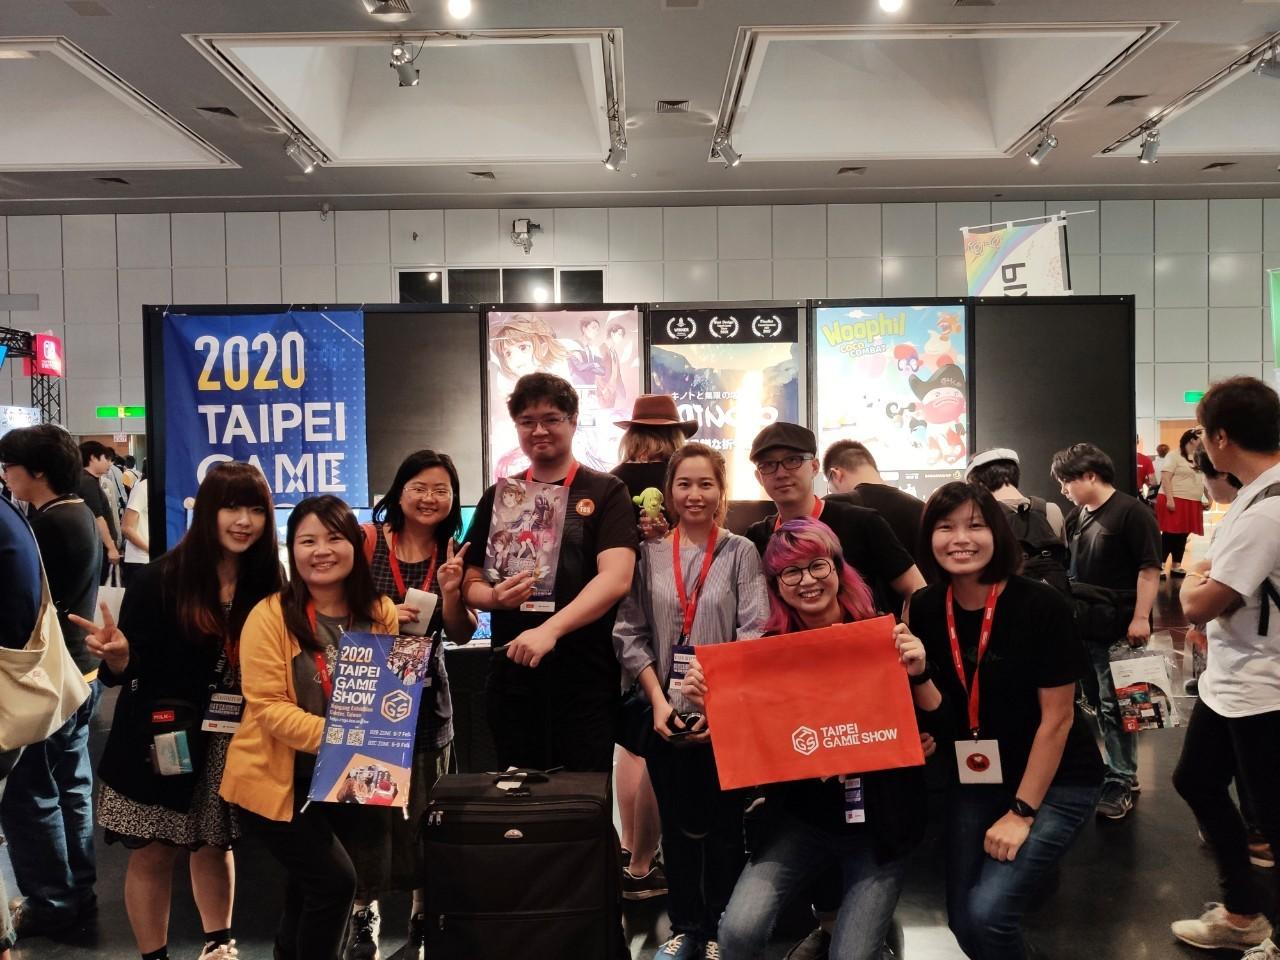 台北電玩展率團進軍京都BitSummit 台灣獨立遊戲美術設計亮眼上陣